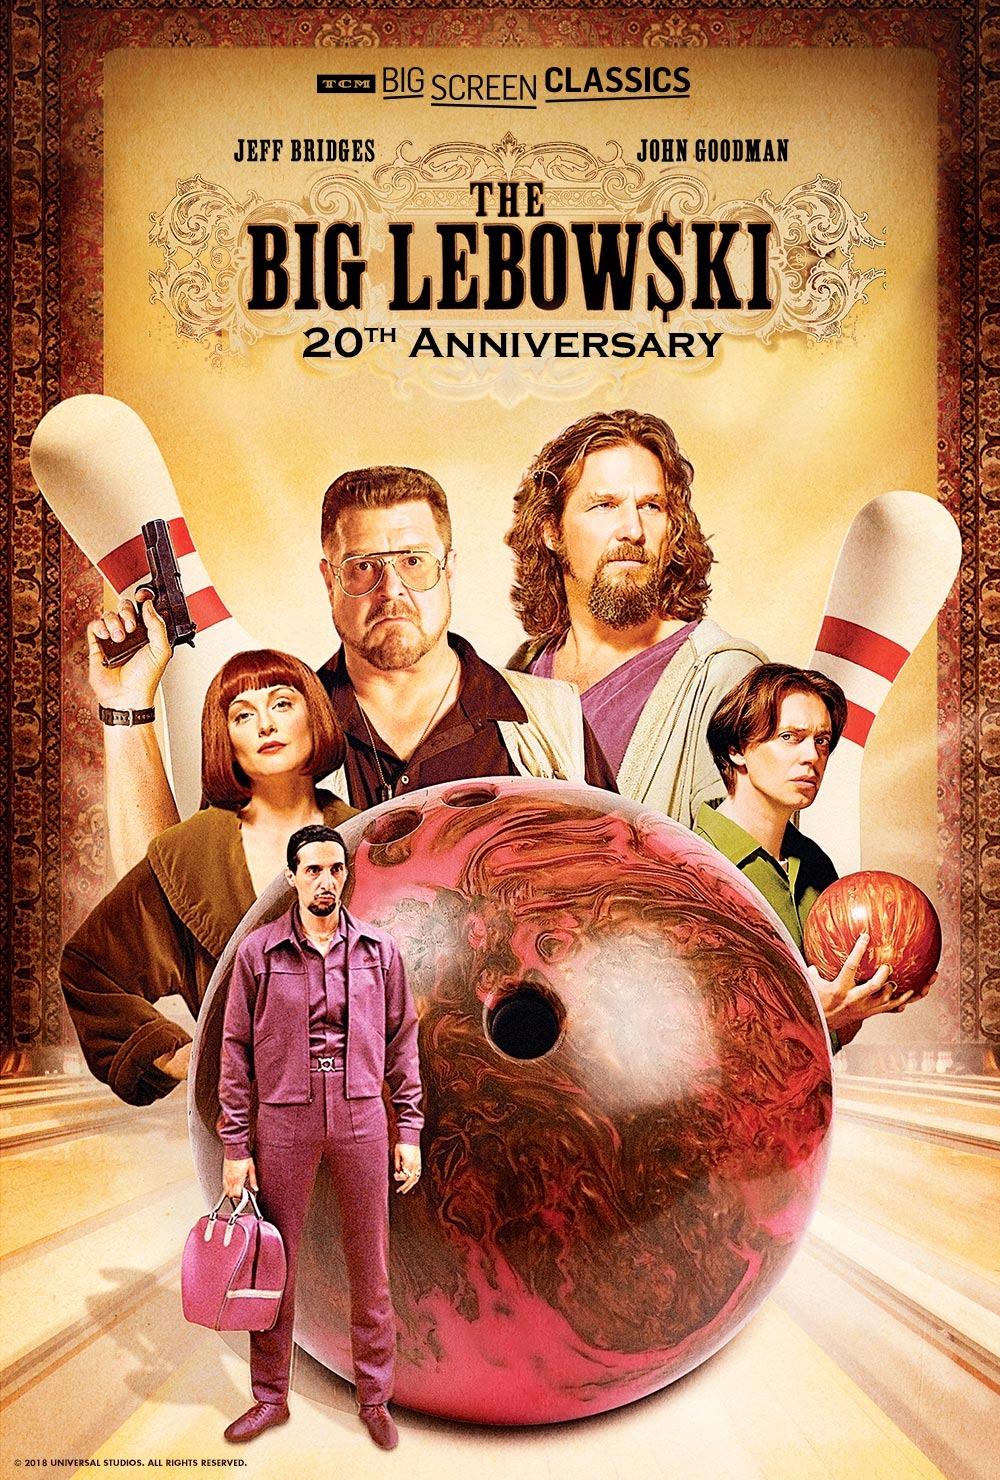 FFF_biglebowski-poster-3b44f87f597e68af6da589ba9fe83518.jpg